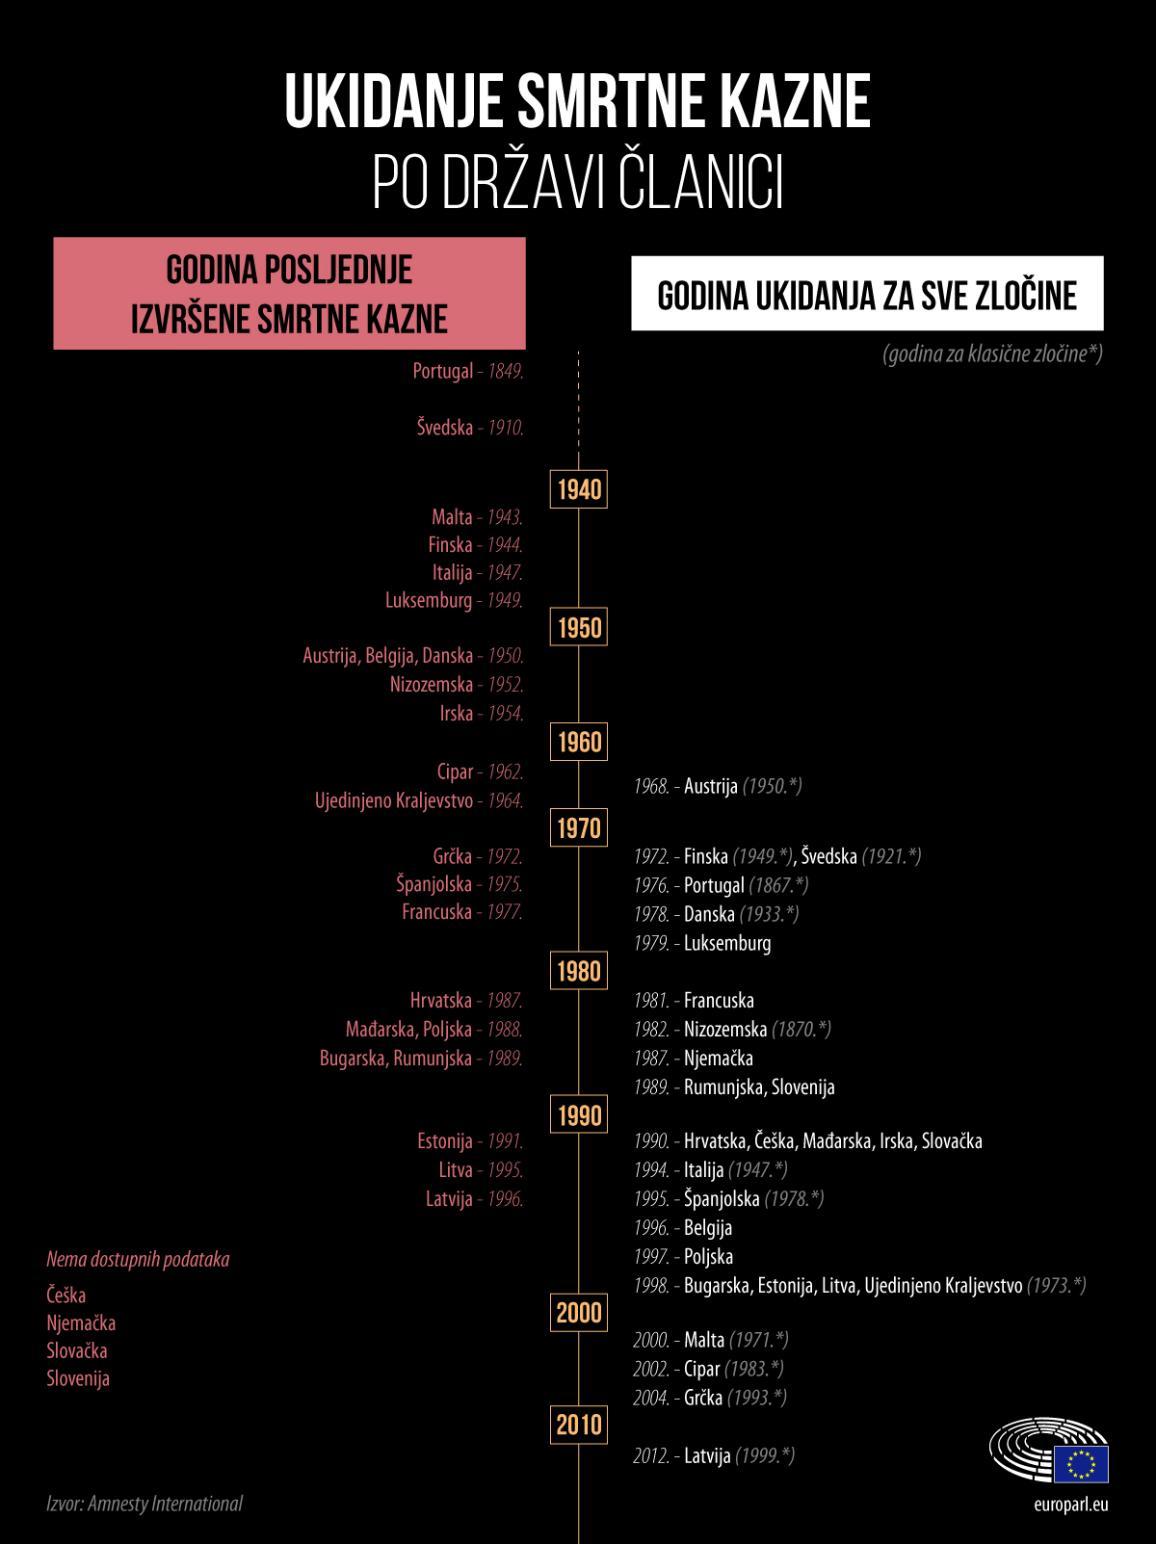 Prikaz država članica na vremenskoj crti po godinama kada su ukinule smrtnu kaznu